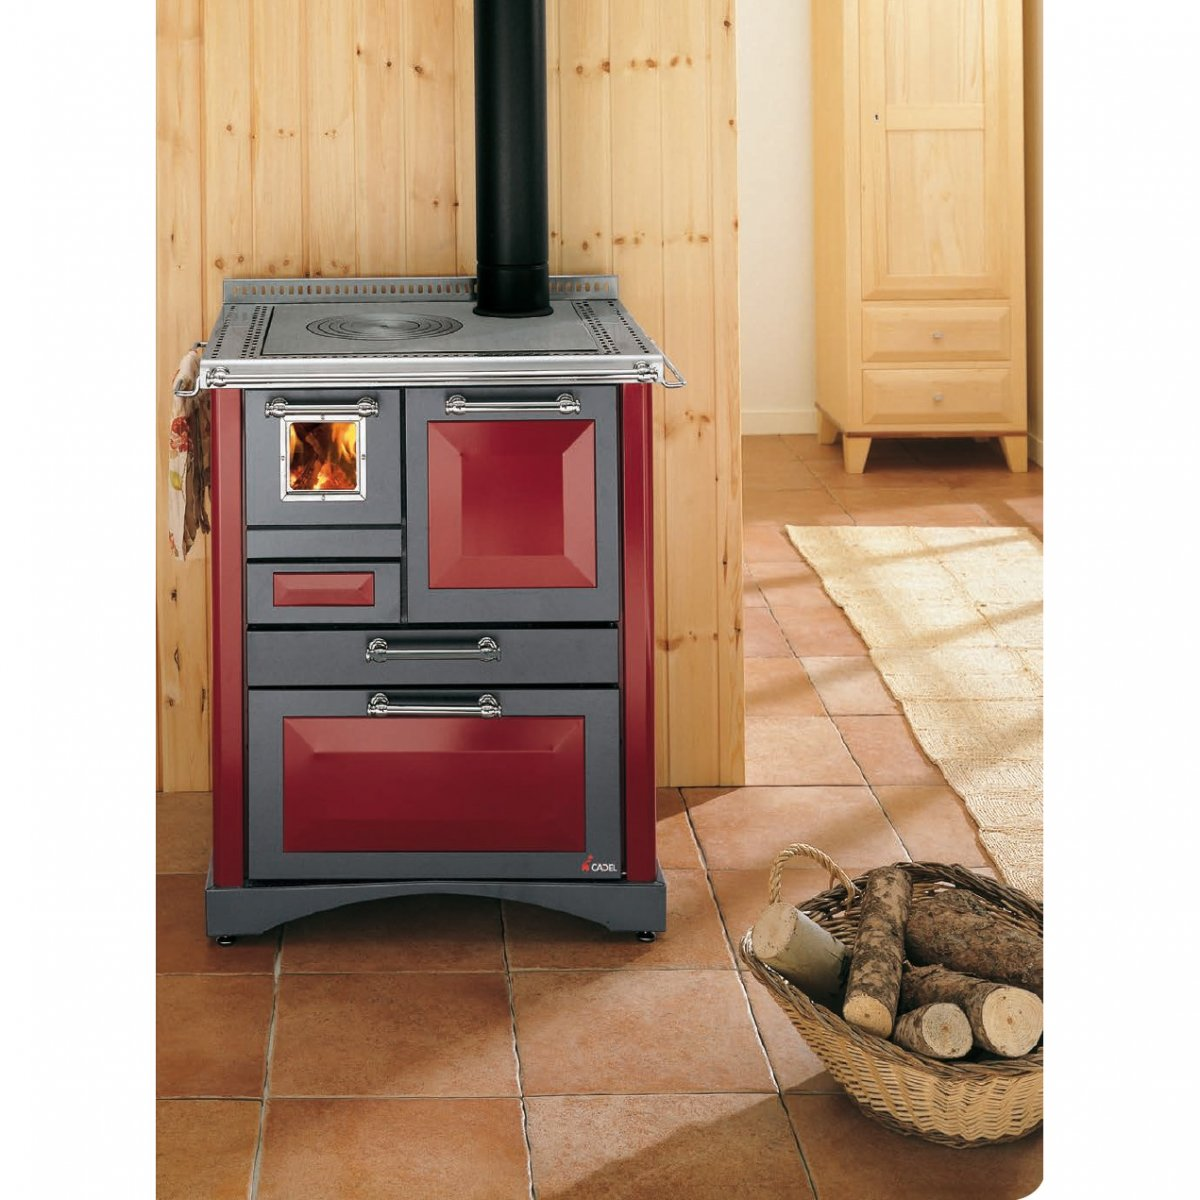 Creativo revestimento lavanderia - Cucina a legna prezzi ...